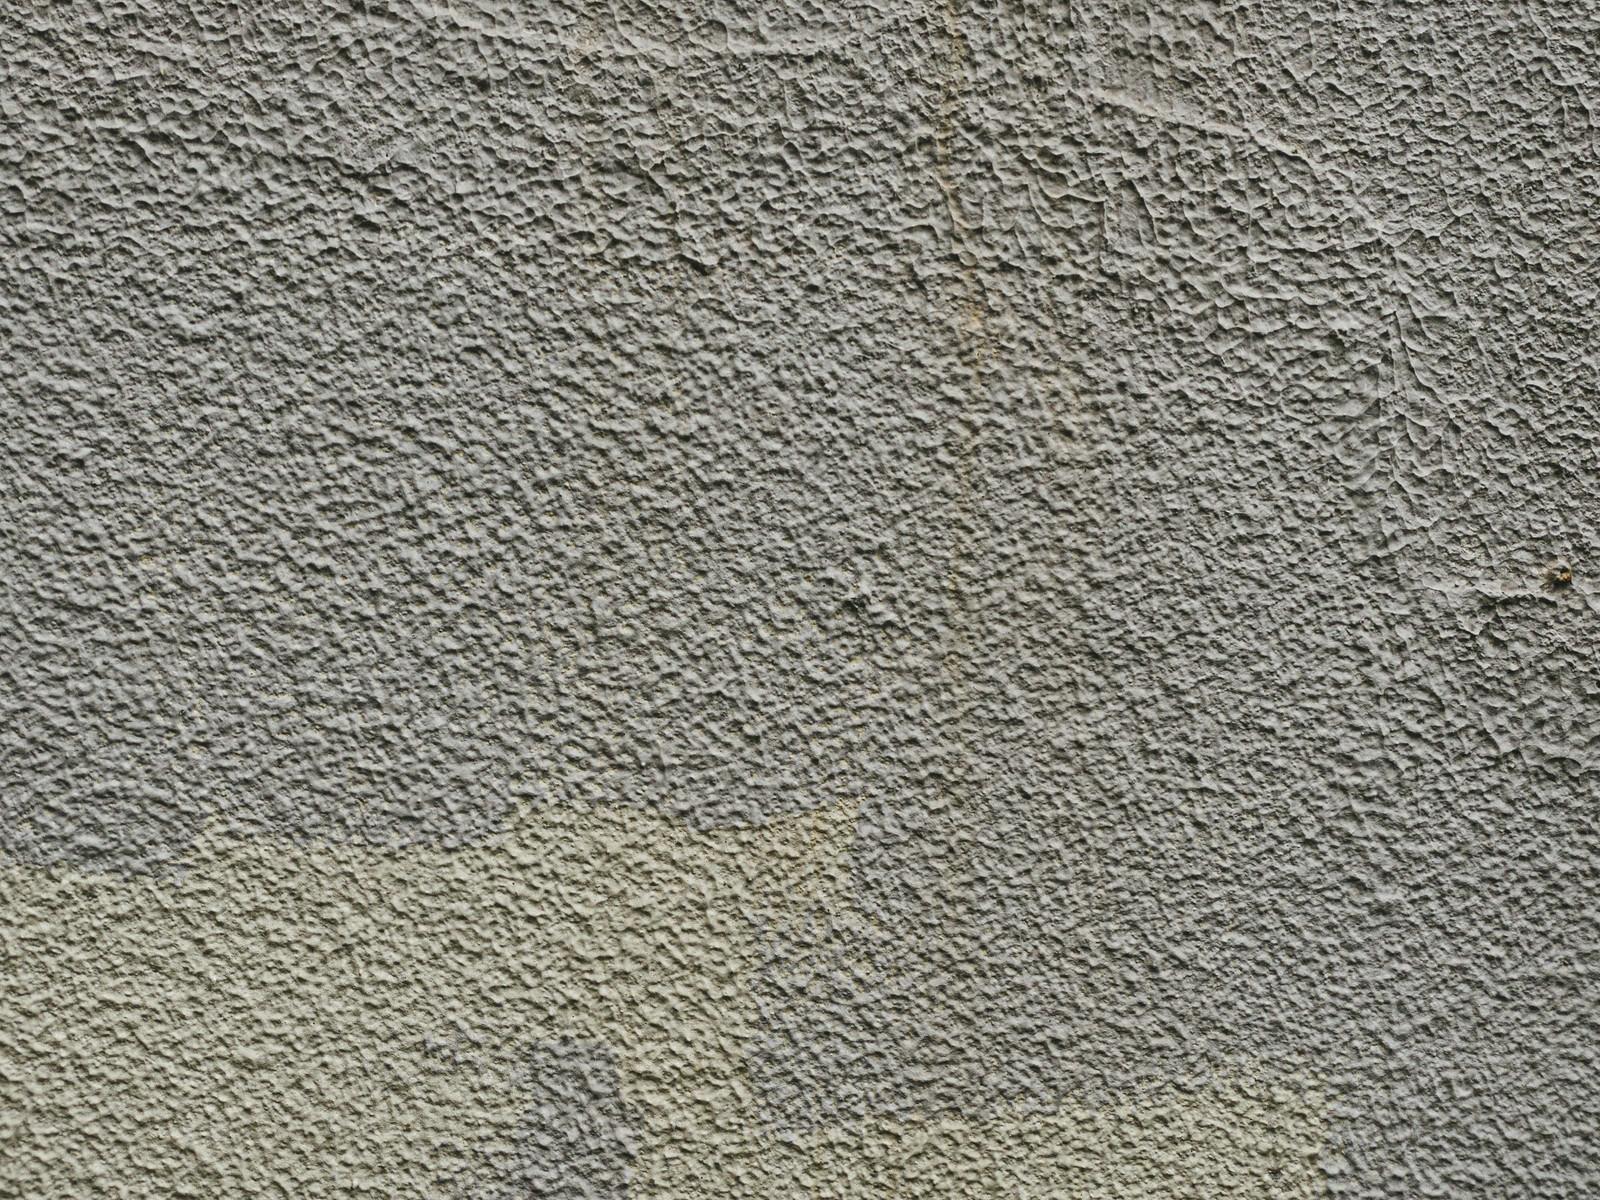 「下地と違う色で塗られた壁(テクスチャ)」の写真